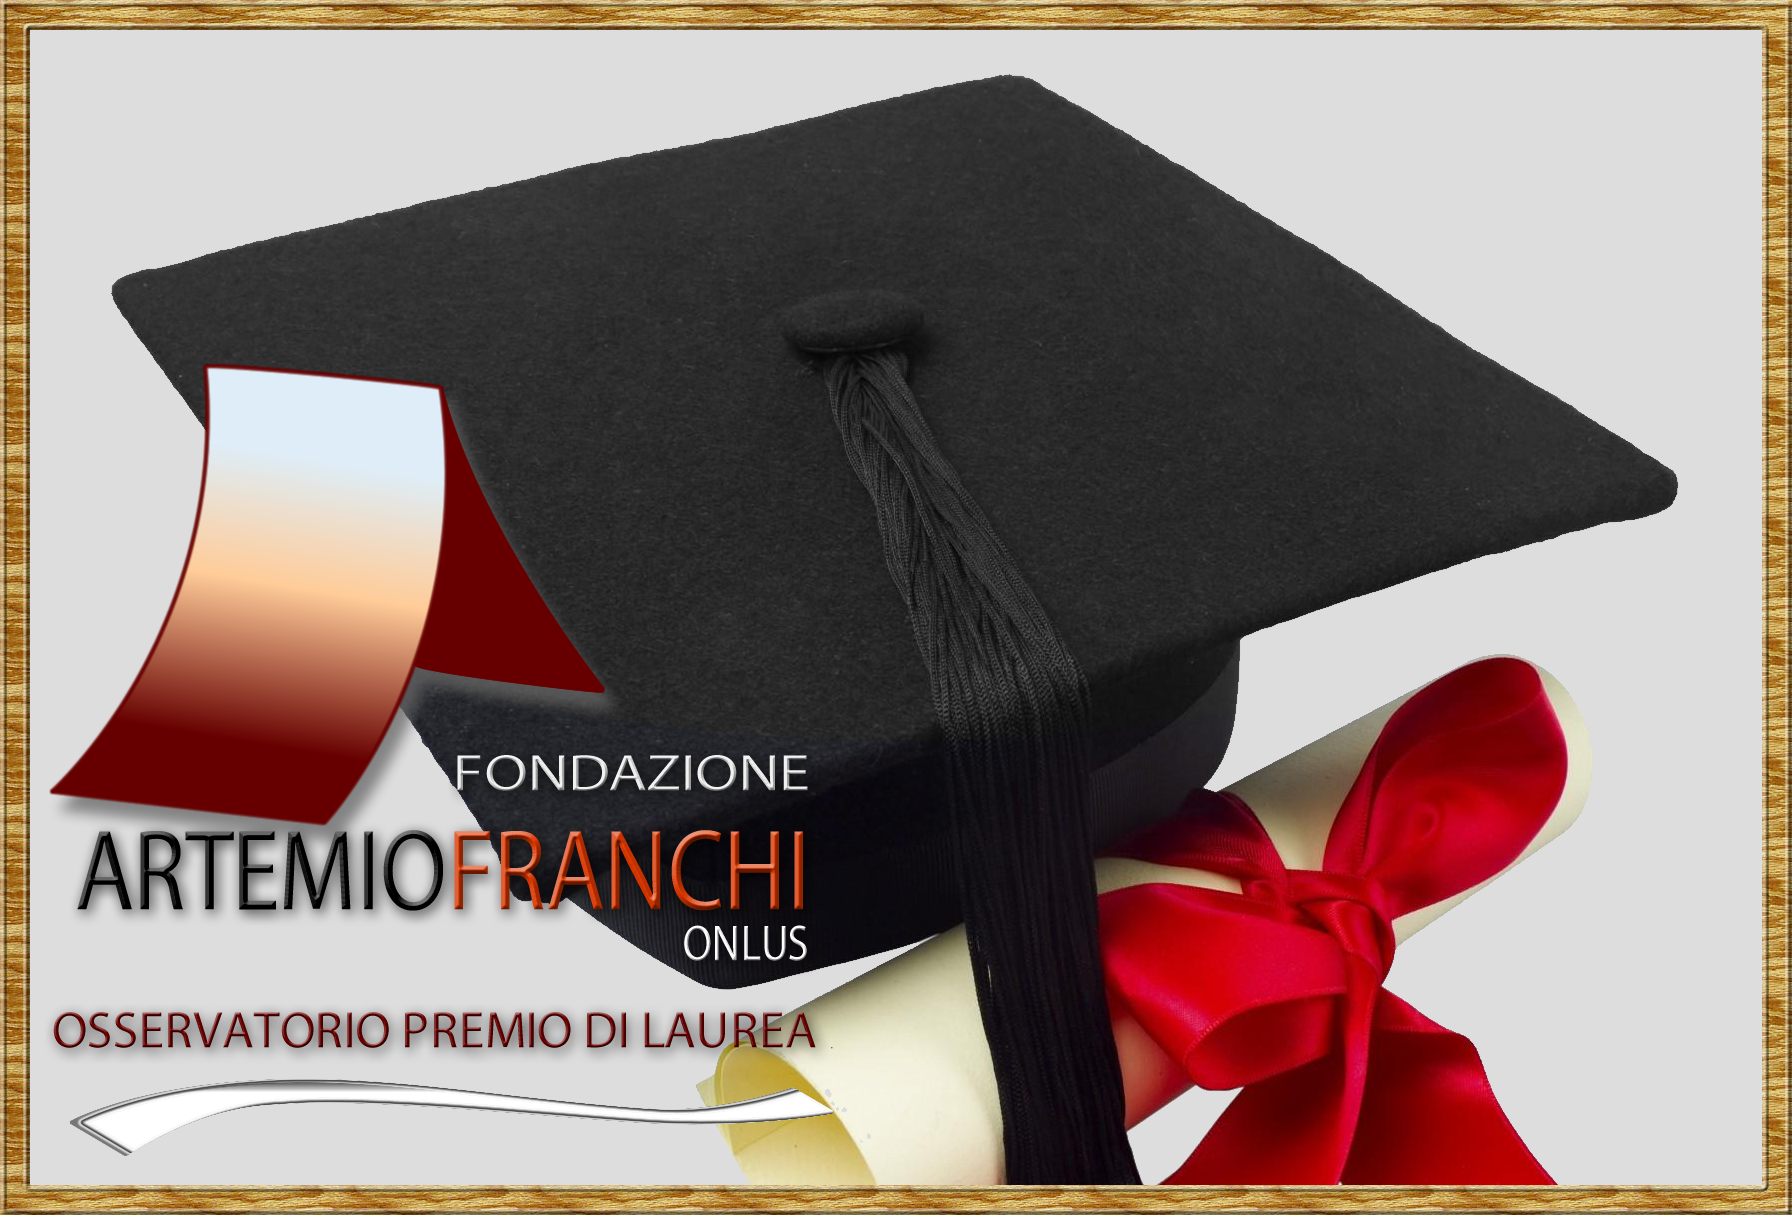 PROROGA DELLA SCADENZA DEL XIII° PREMIO DI LAUREA ARTEMIO FRANCHI